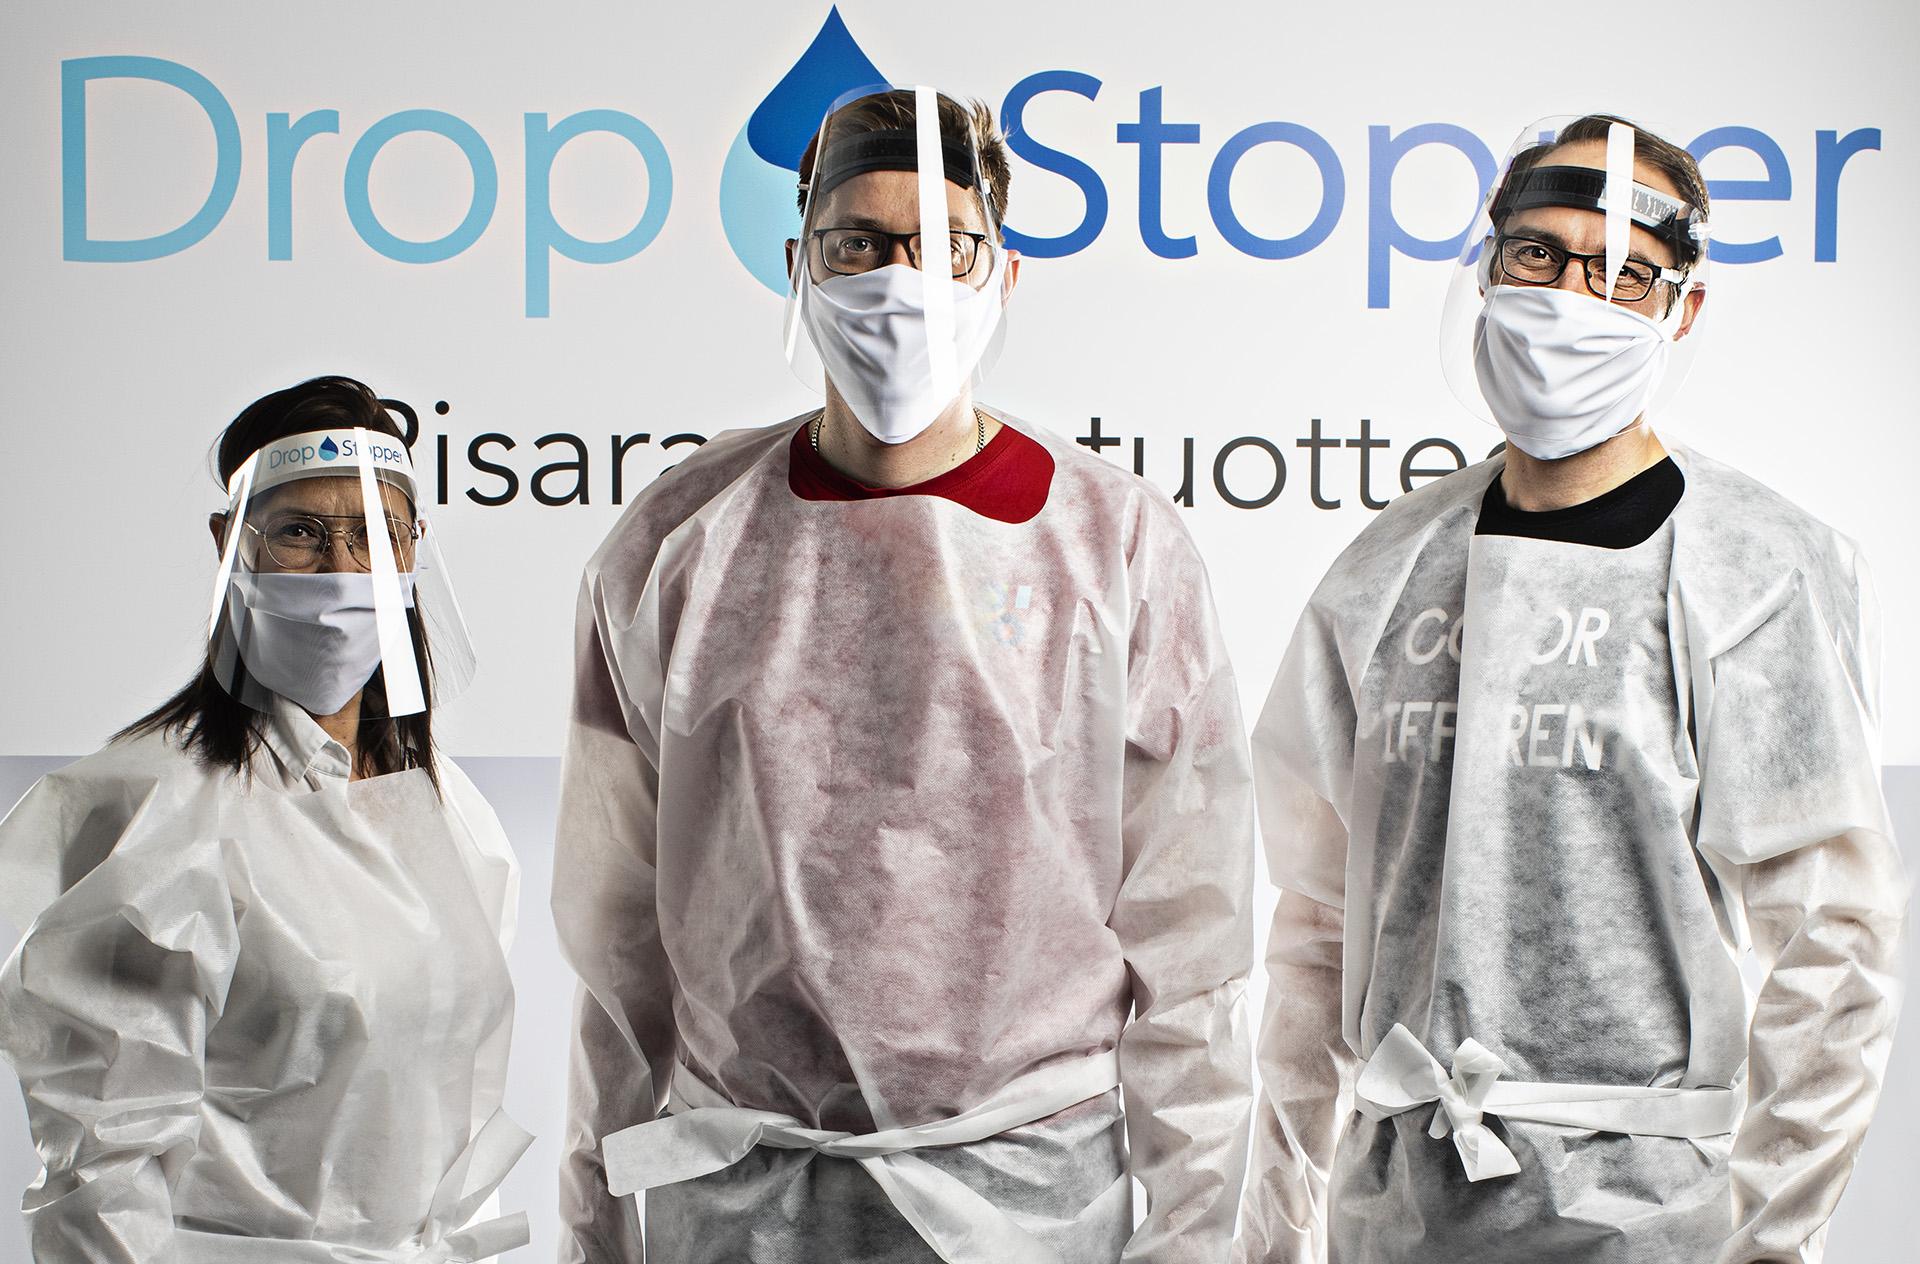 DropStopper-suojaessu on kertakäyttöinen ja sopii jokaiselle